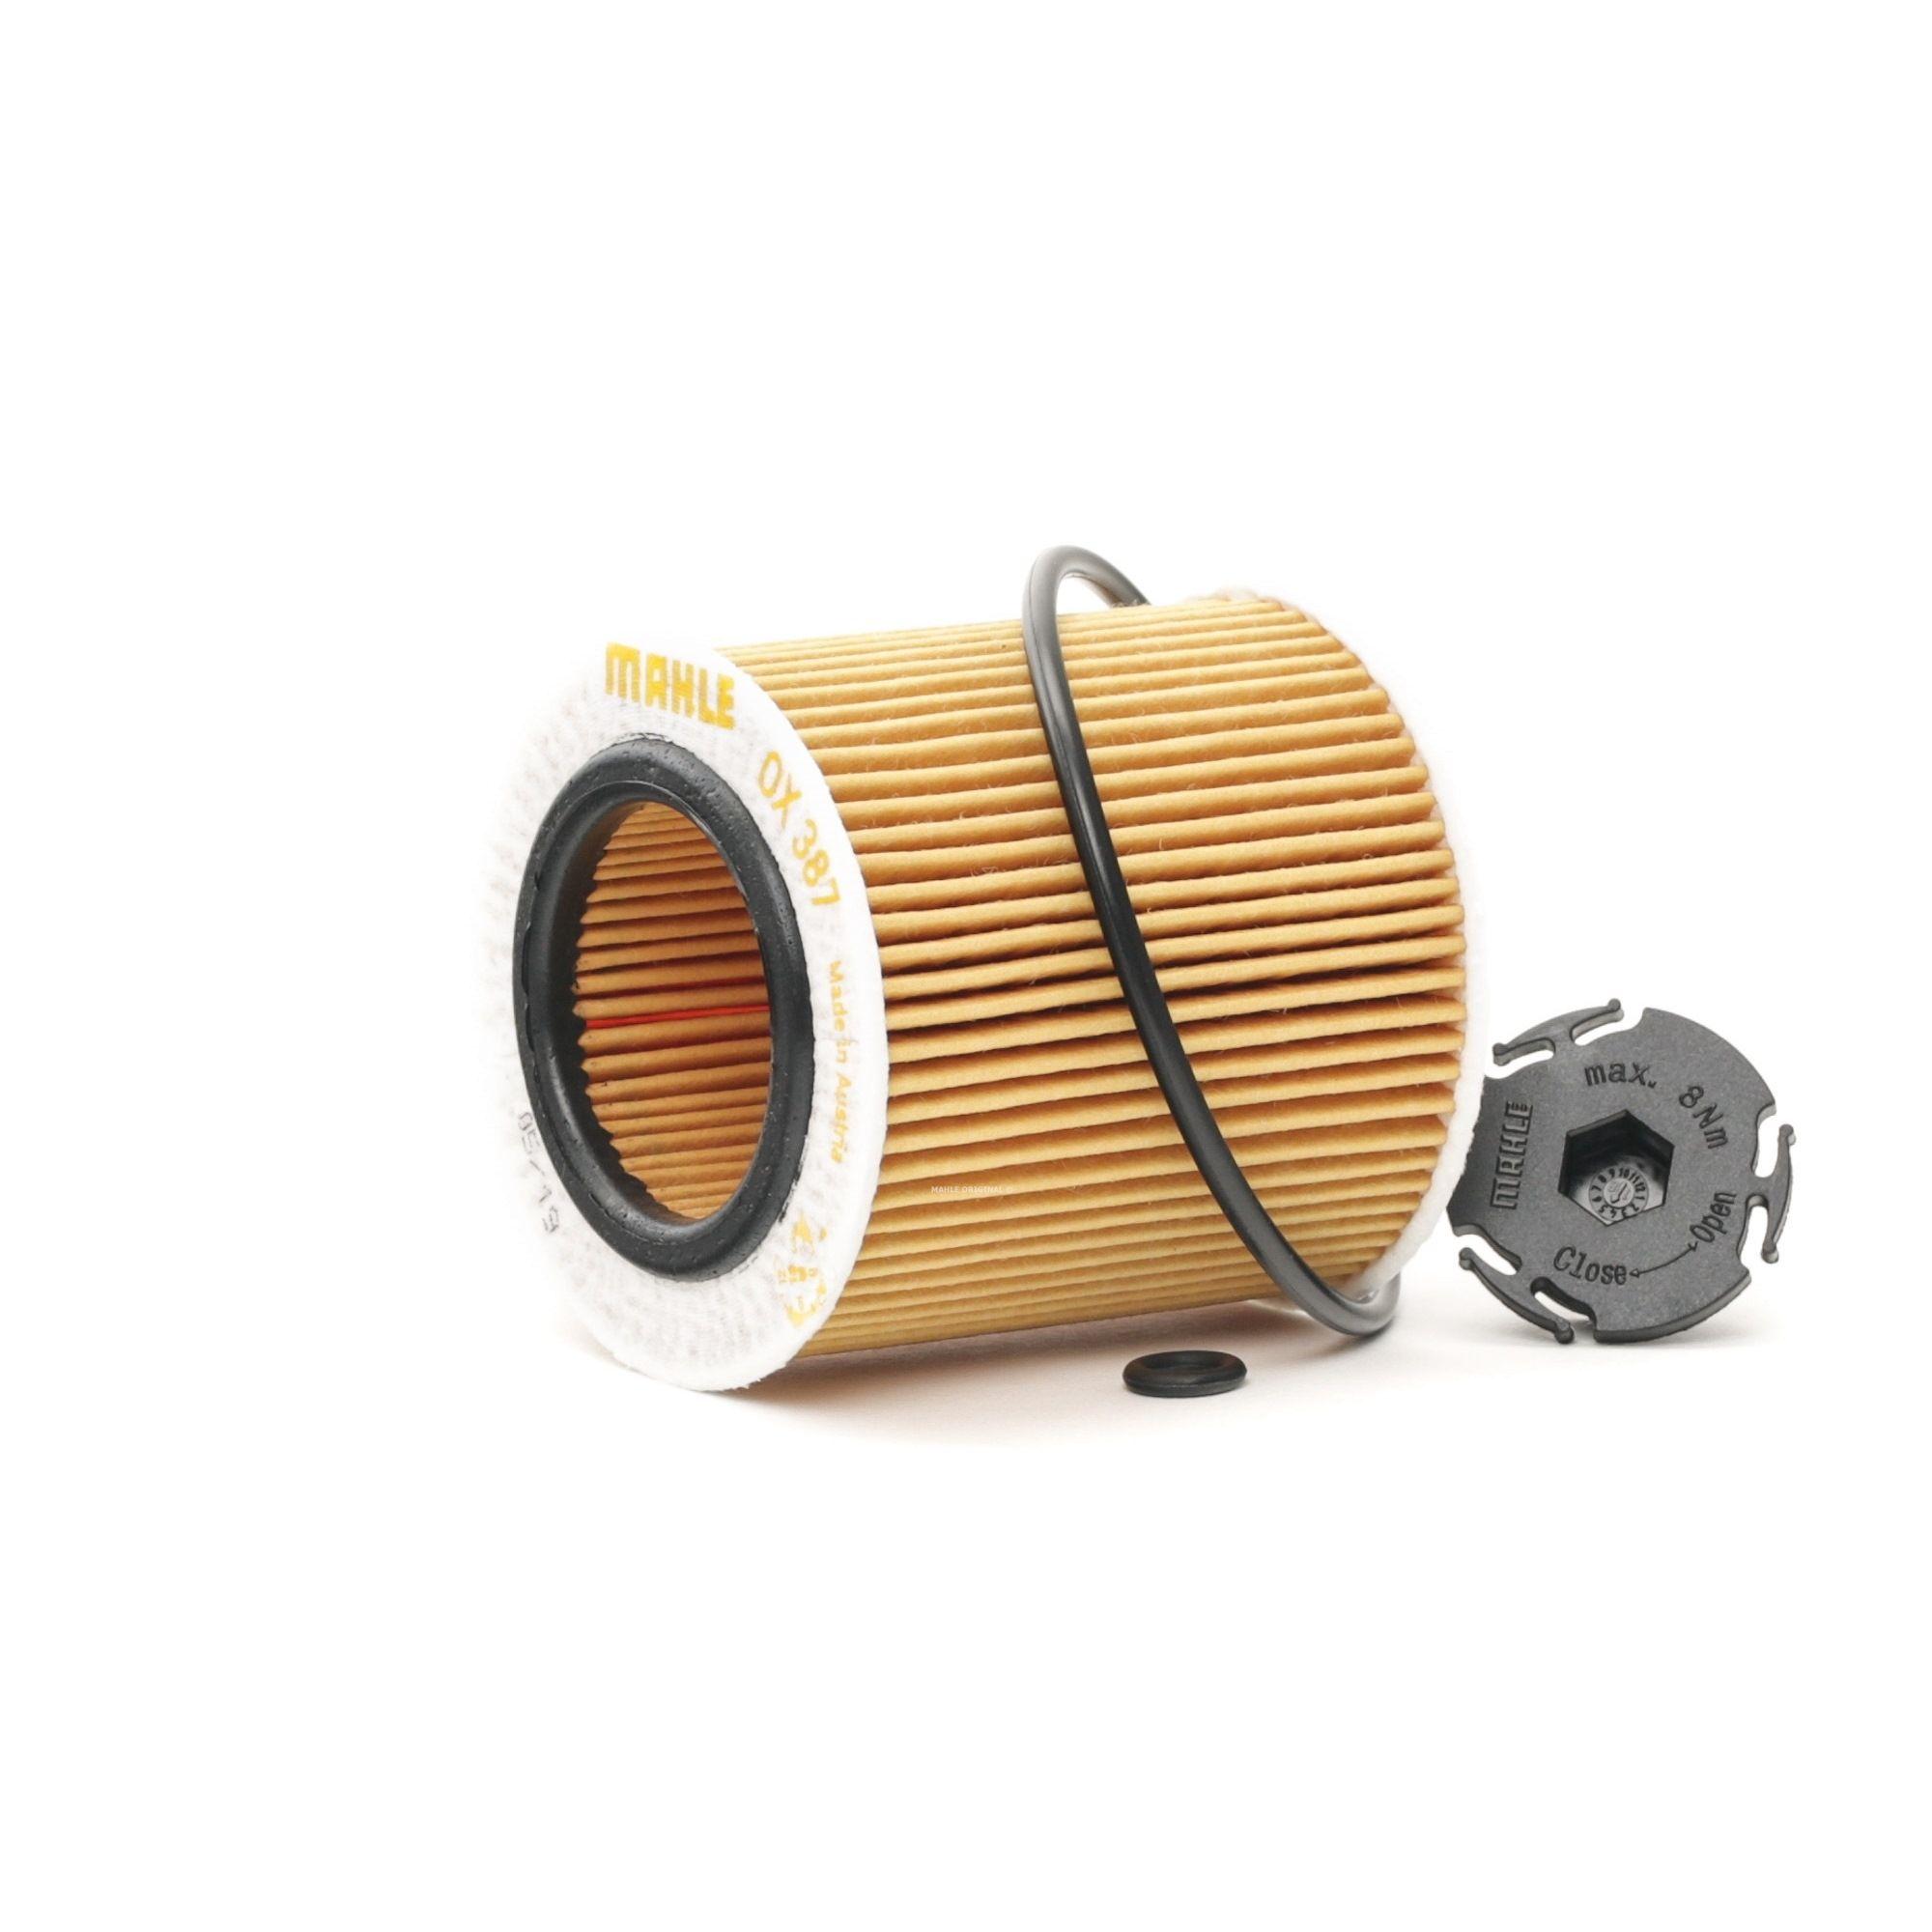 Filtre à huile Cartouche filtrante F20 N20 (862)